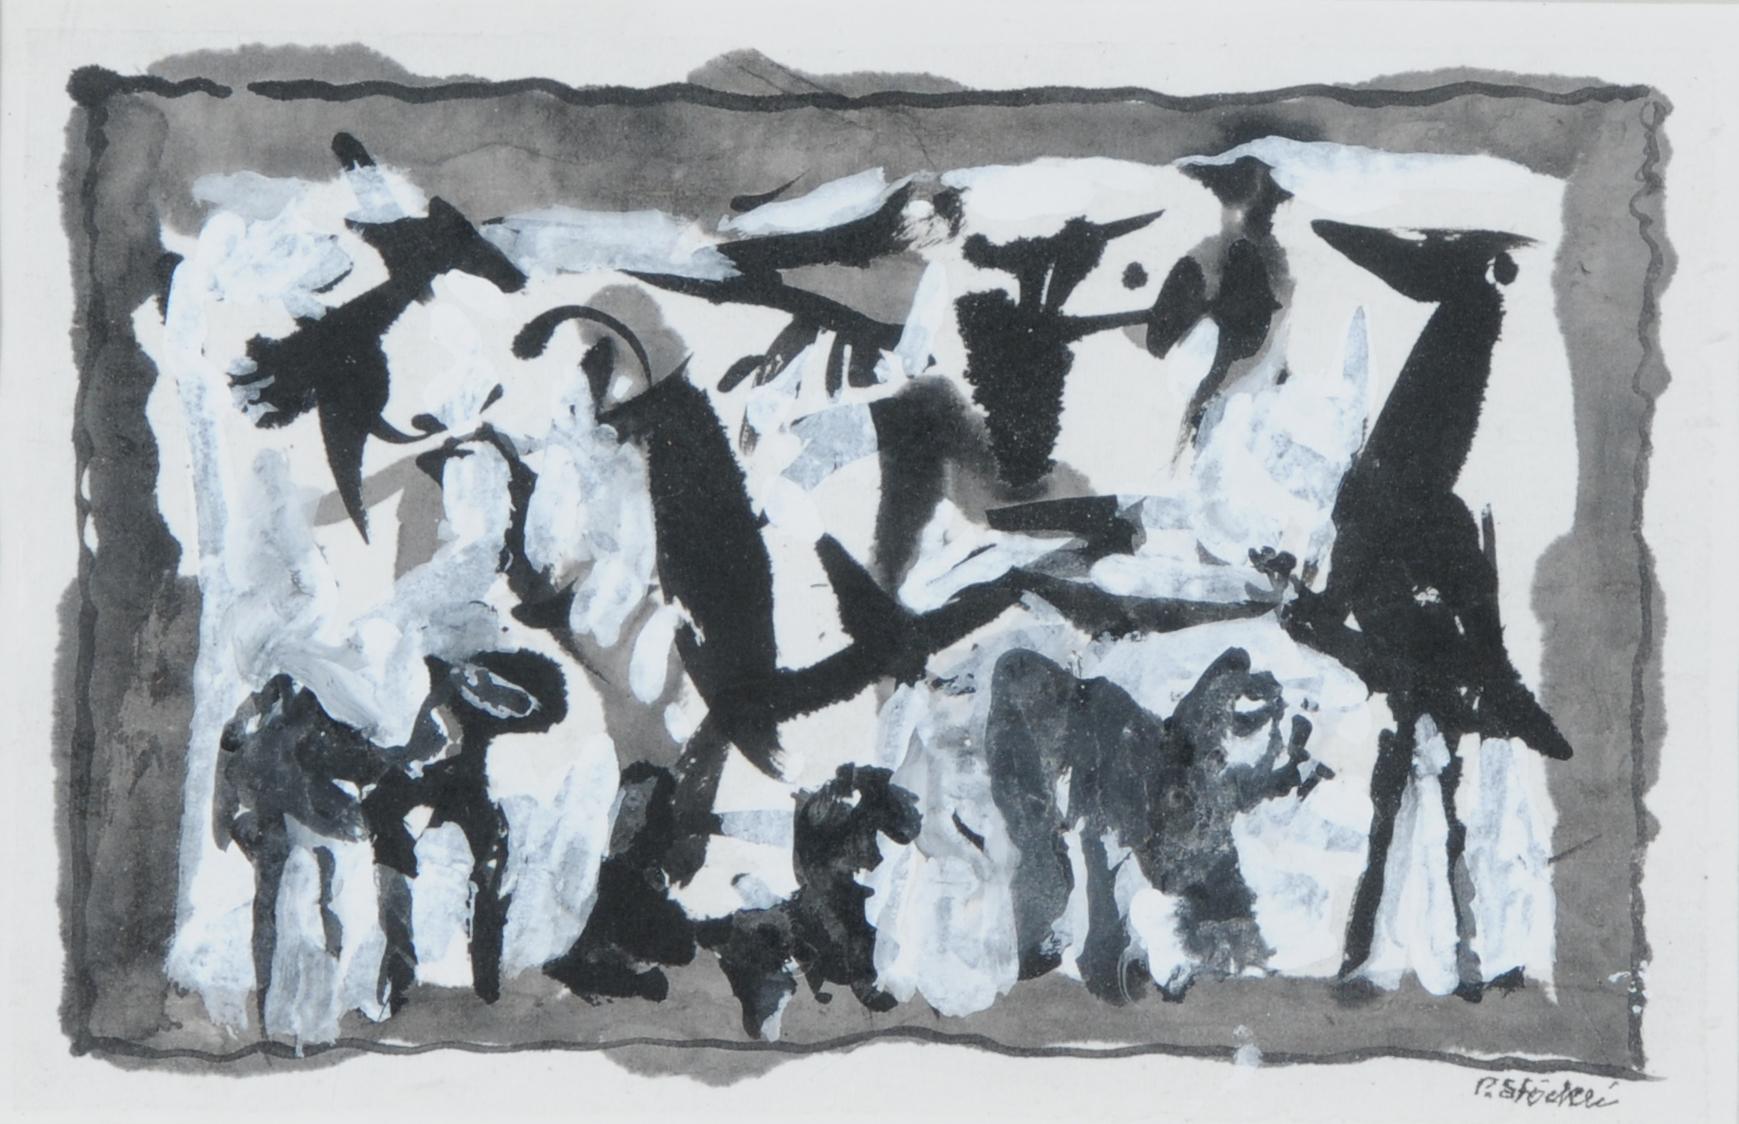 Stöckli Paul, Untitled